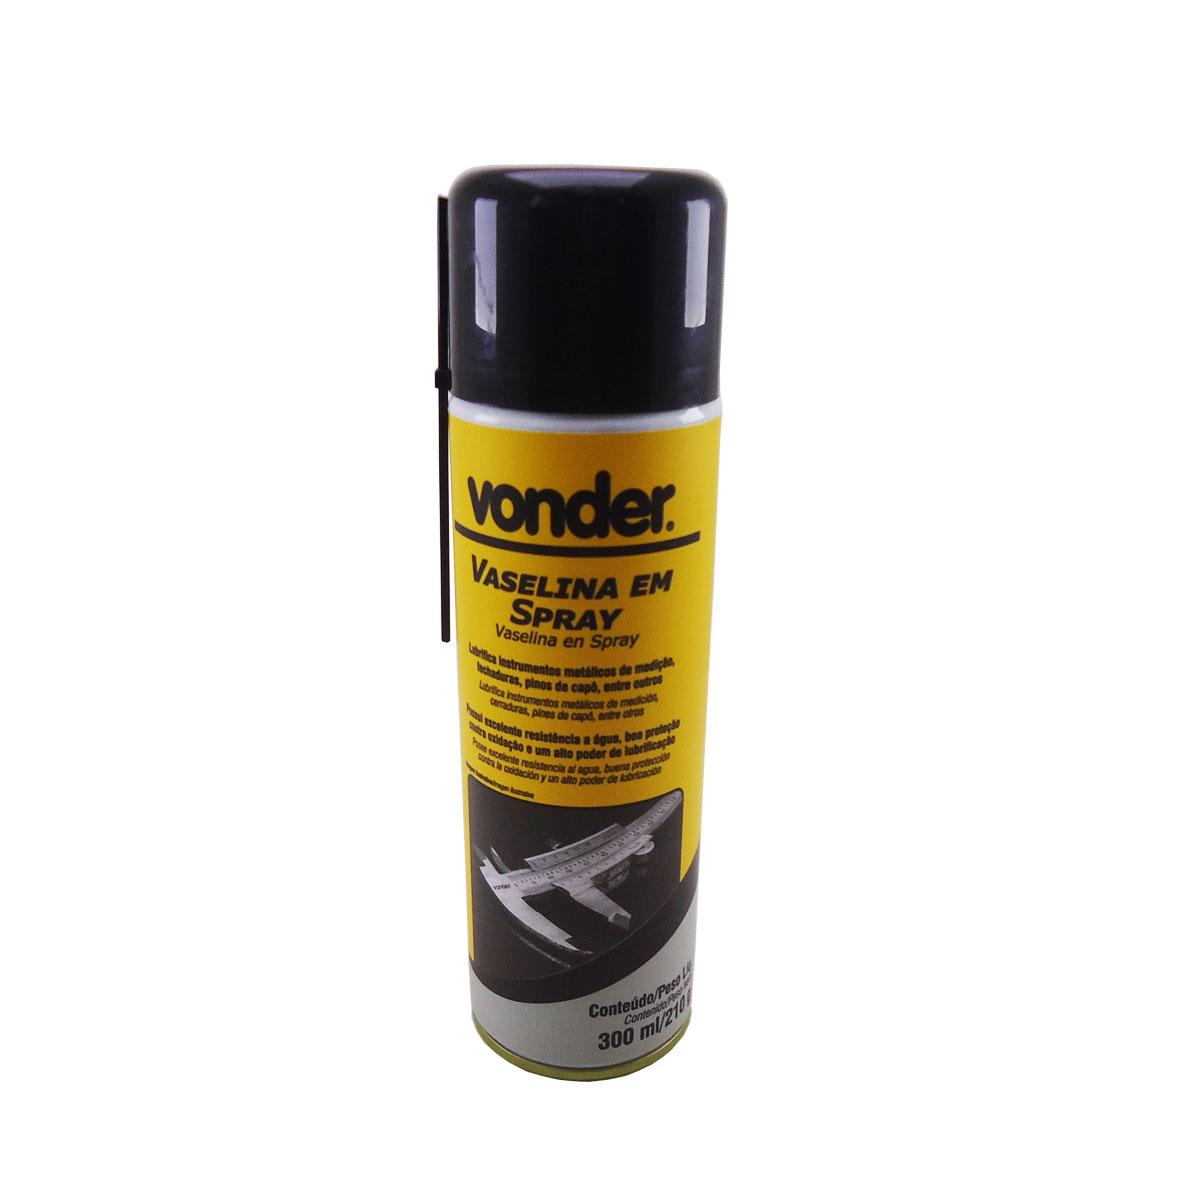 Vaselina em spray 210 g/300 ml VONDE